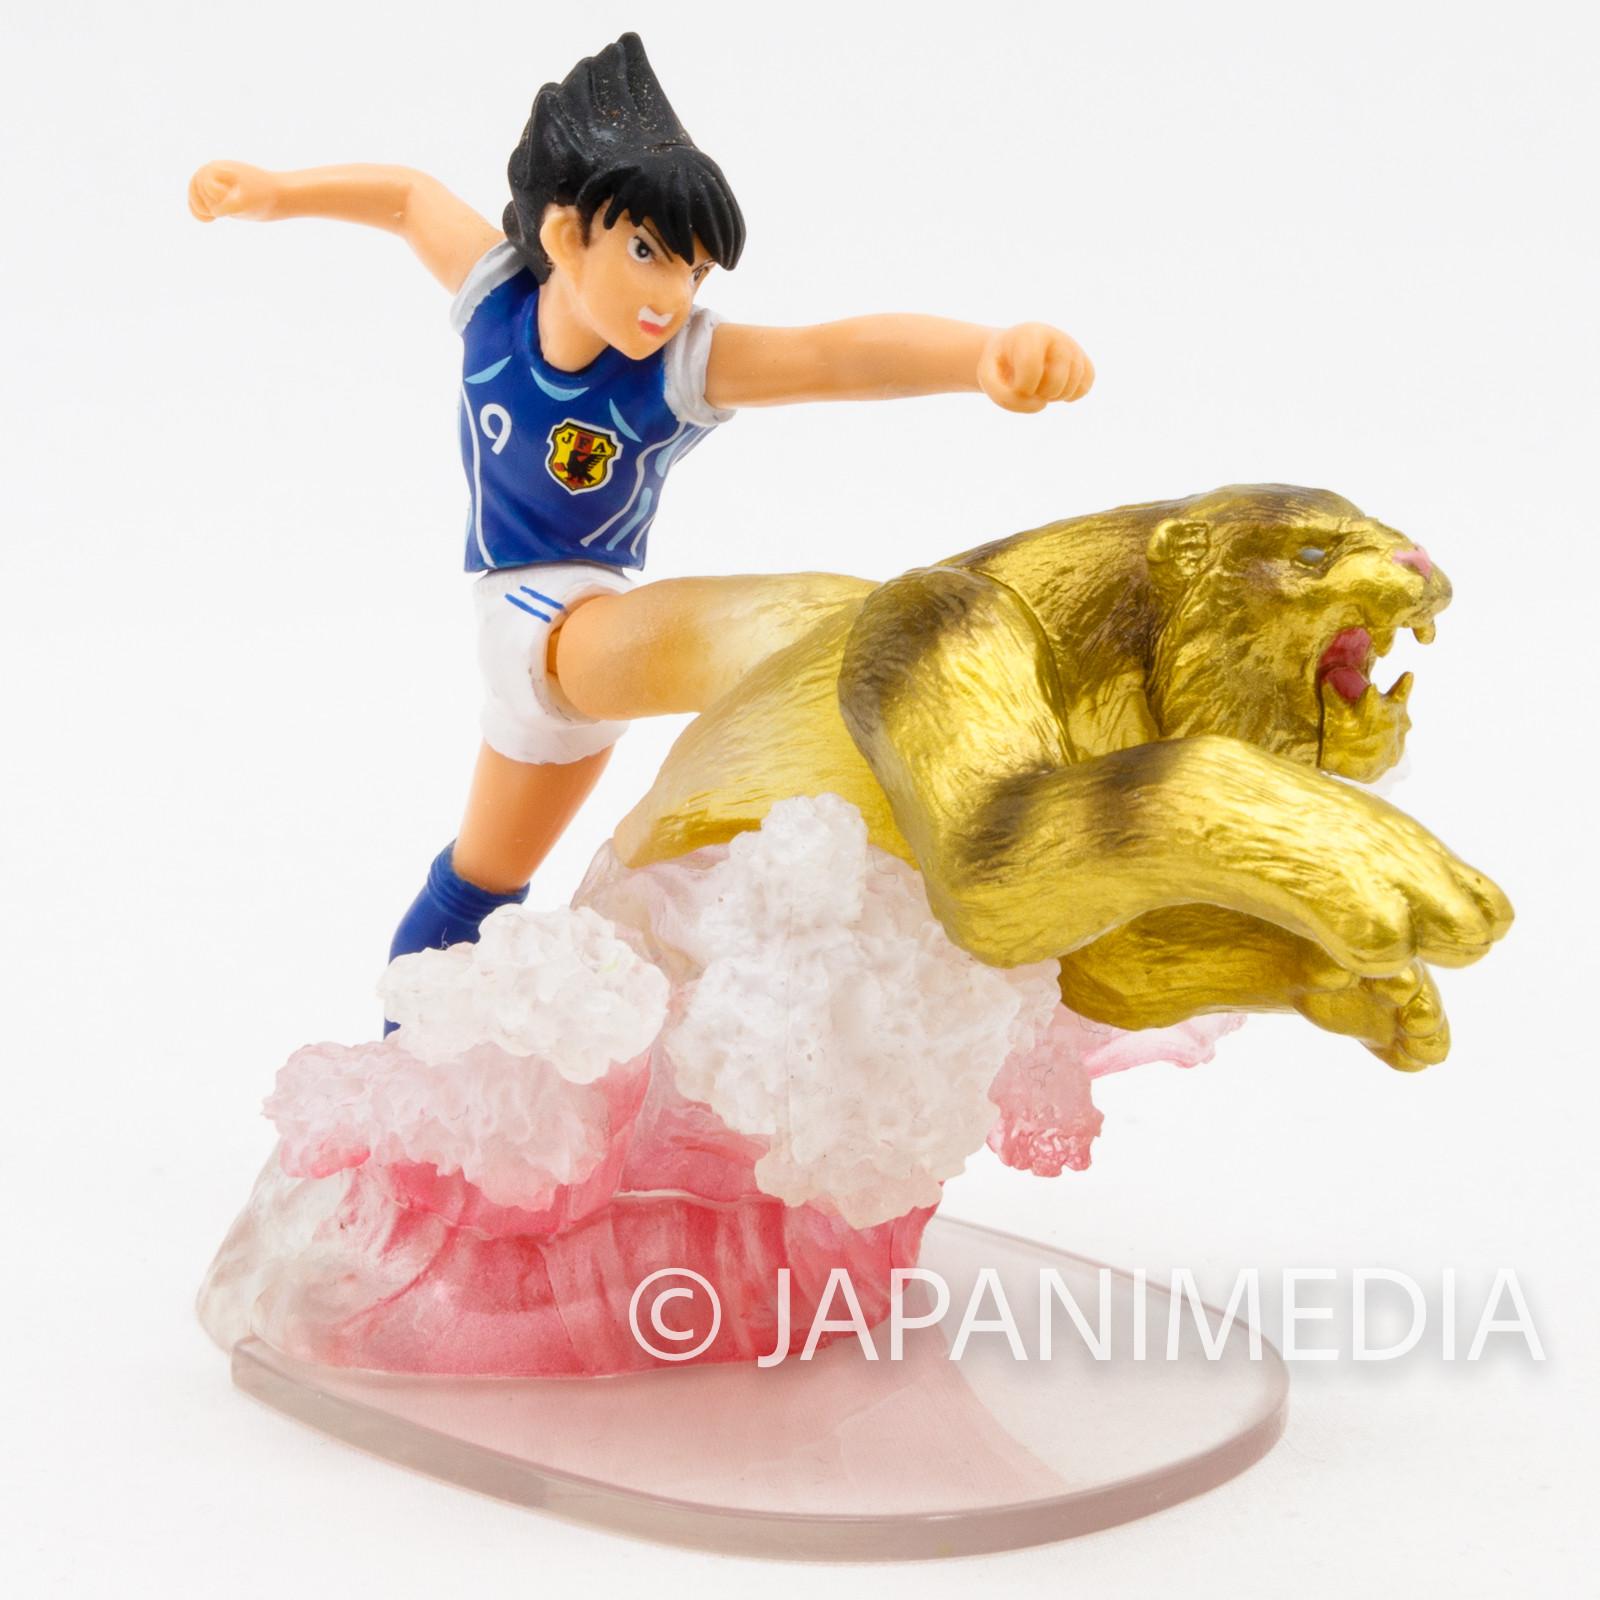 Captain Tsubasa Kojiro Hyuga Tiger Shot Mini Figure JAPAN ANIME